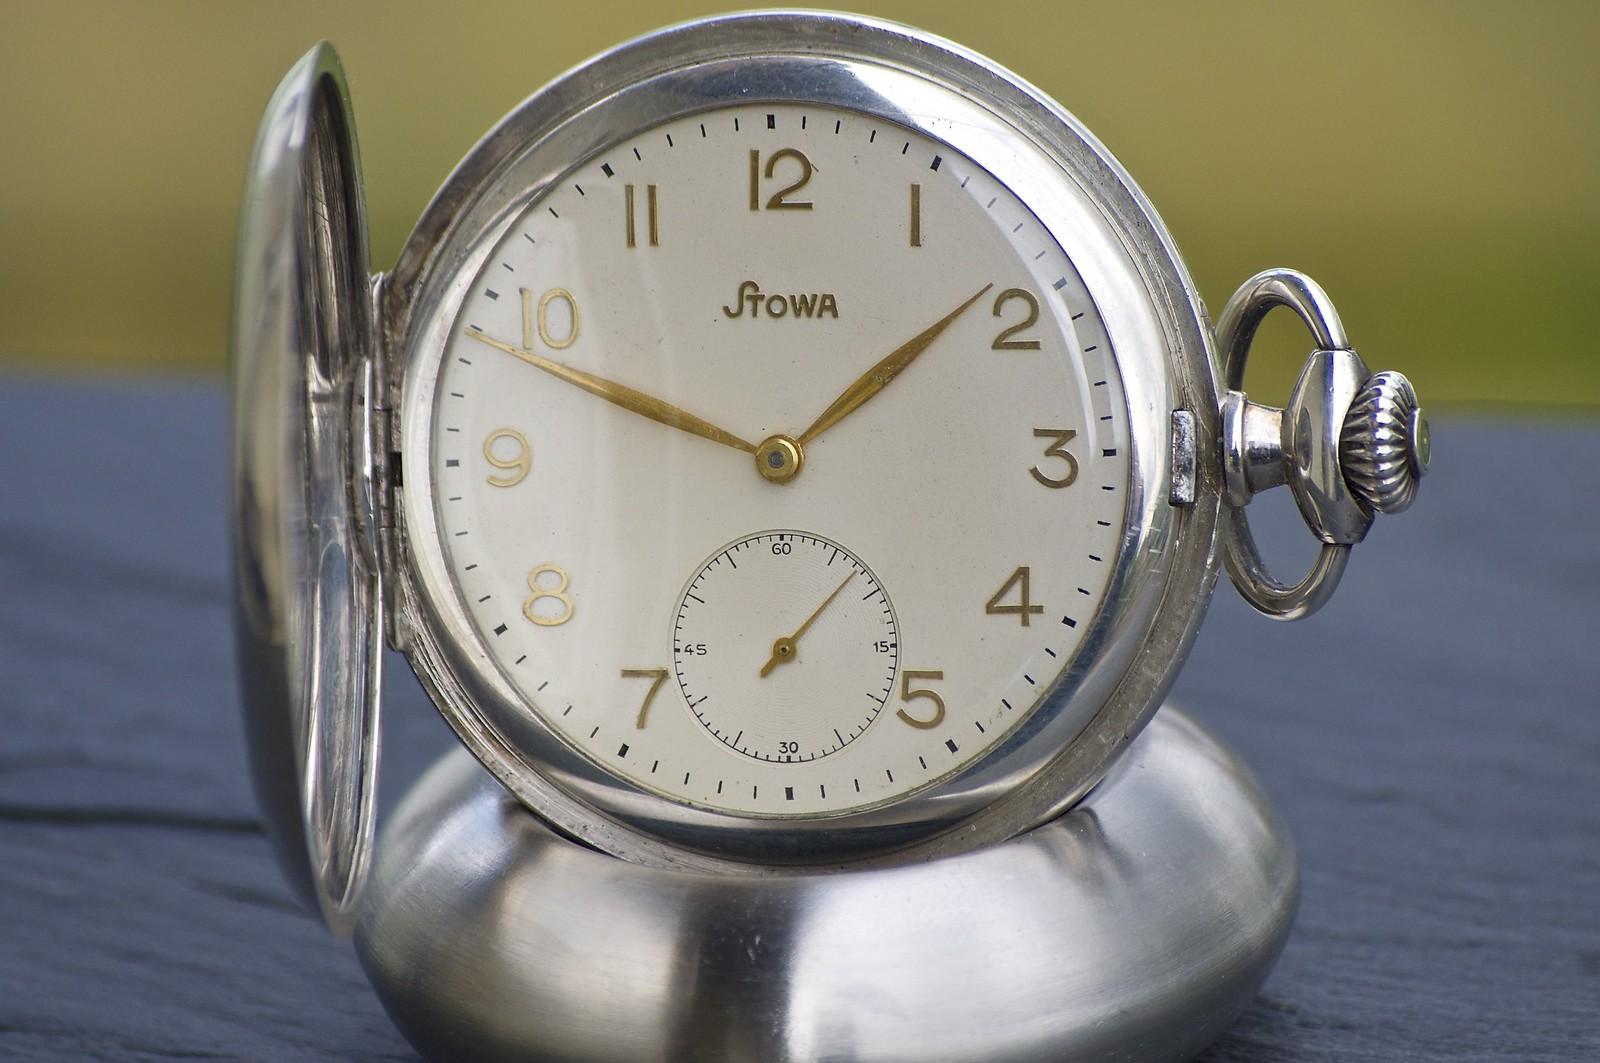 stowa - Stowa Chronograph 1938 vs Union Glashütte Noramis Chrono 8802004629_e73e6d4a42_h